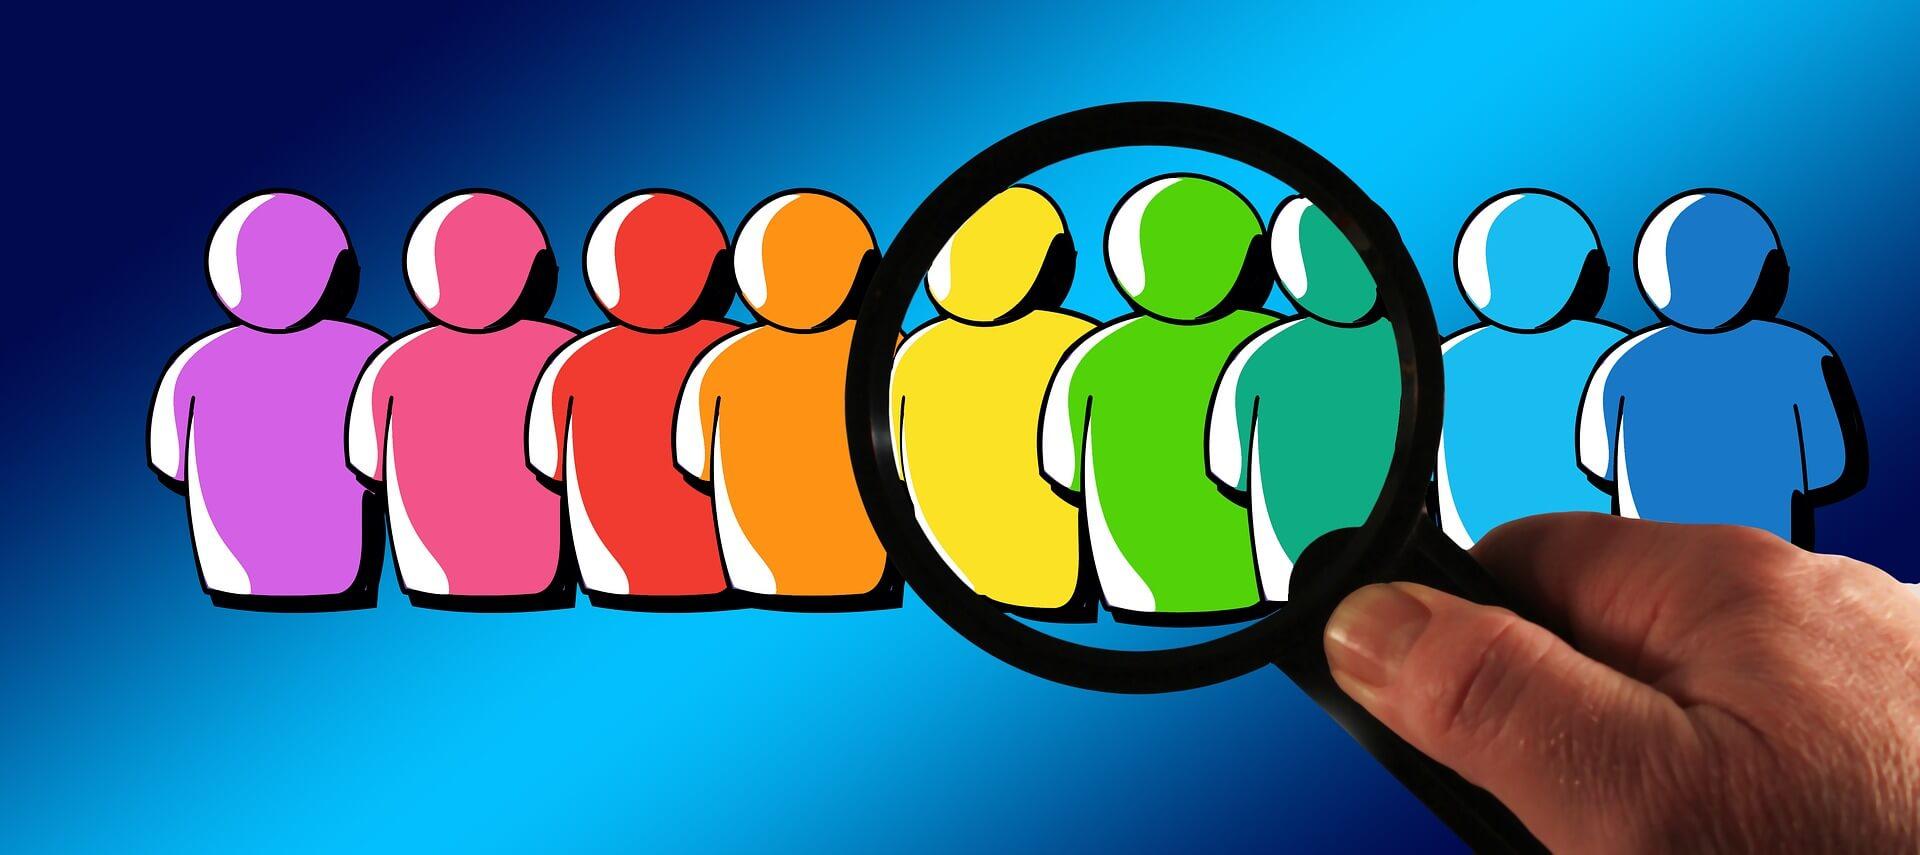 Focused Market Segmentation Explained Why Everyone